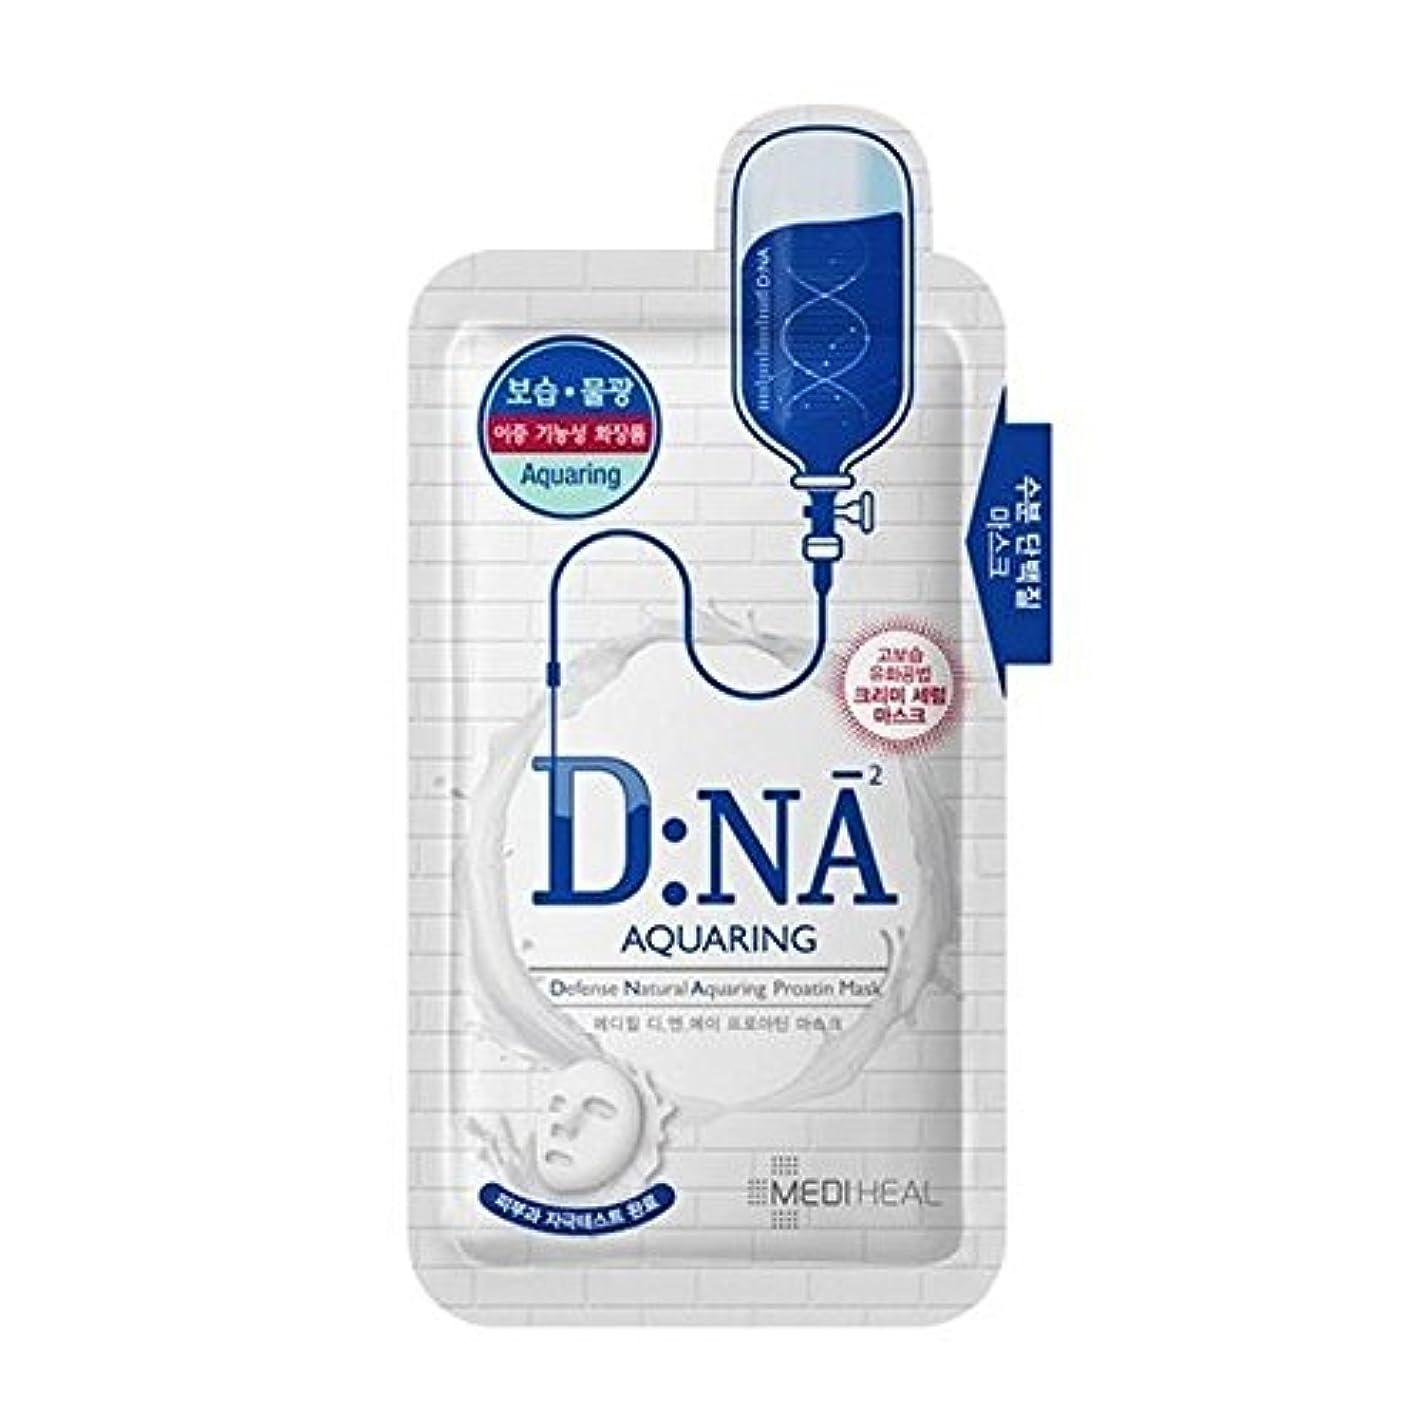 出血本質的に間隔メディヒールタンパク質フェイスマスクパック 25g x 10枚 [ Mediheal DNA Proatin Face Mask Pack (Aquaring) 25g x 10ea ] [海外直送品][並行輸入品]